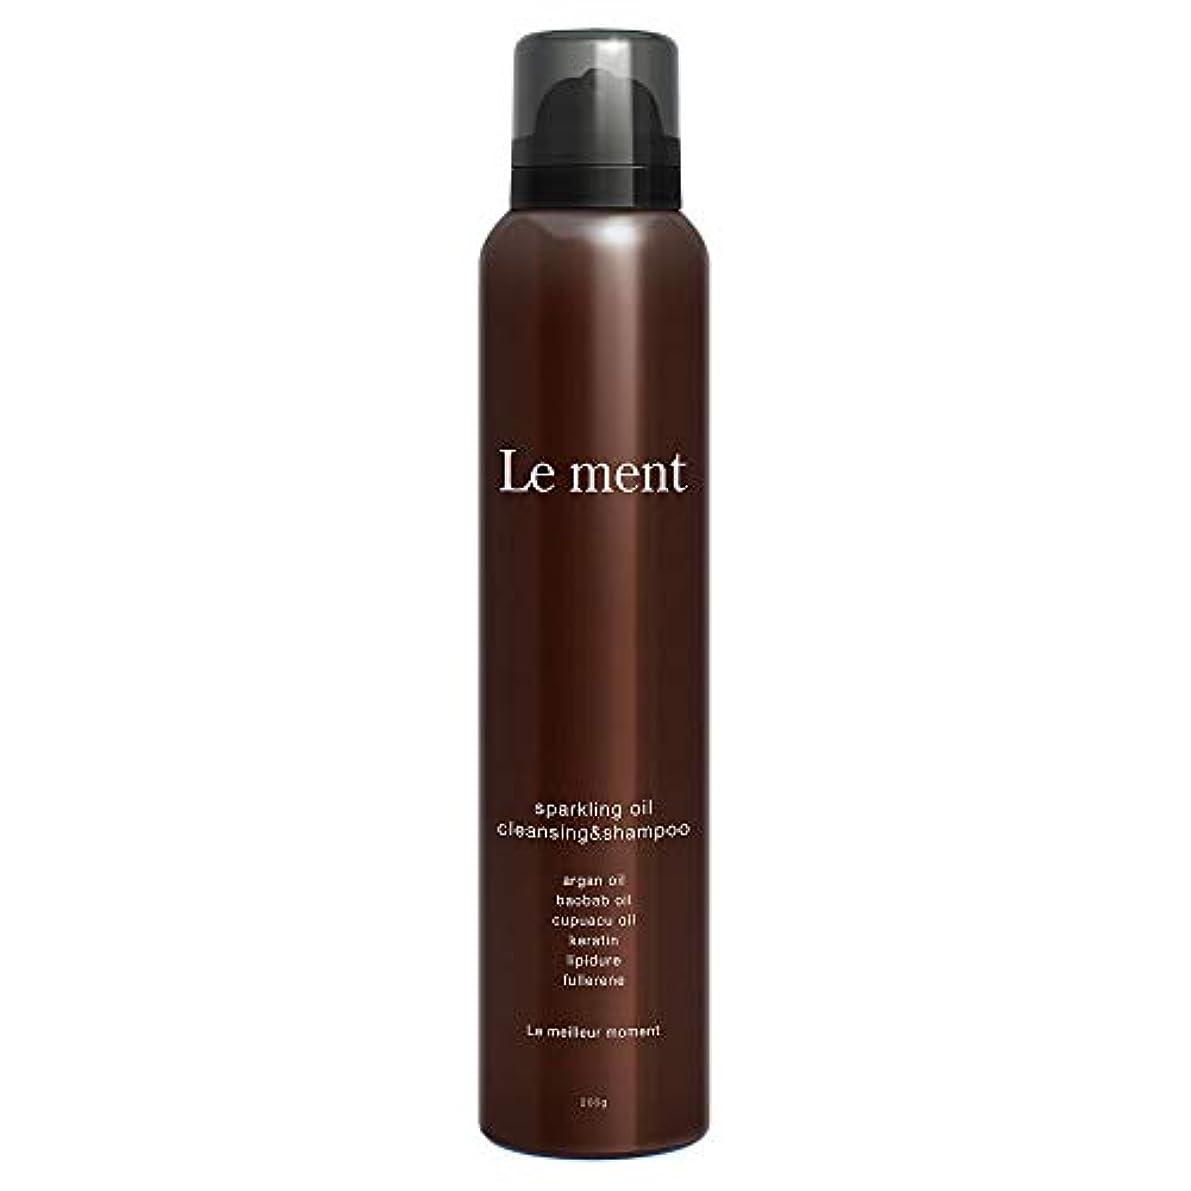 オーロックリネン予知Le ment -sparkling oil cleansing & shampoo -